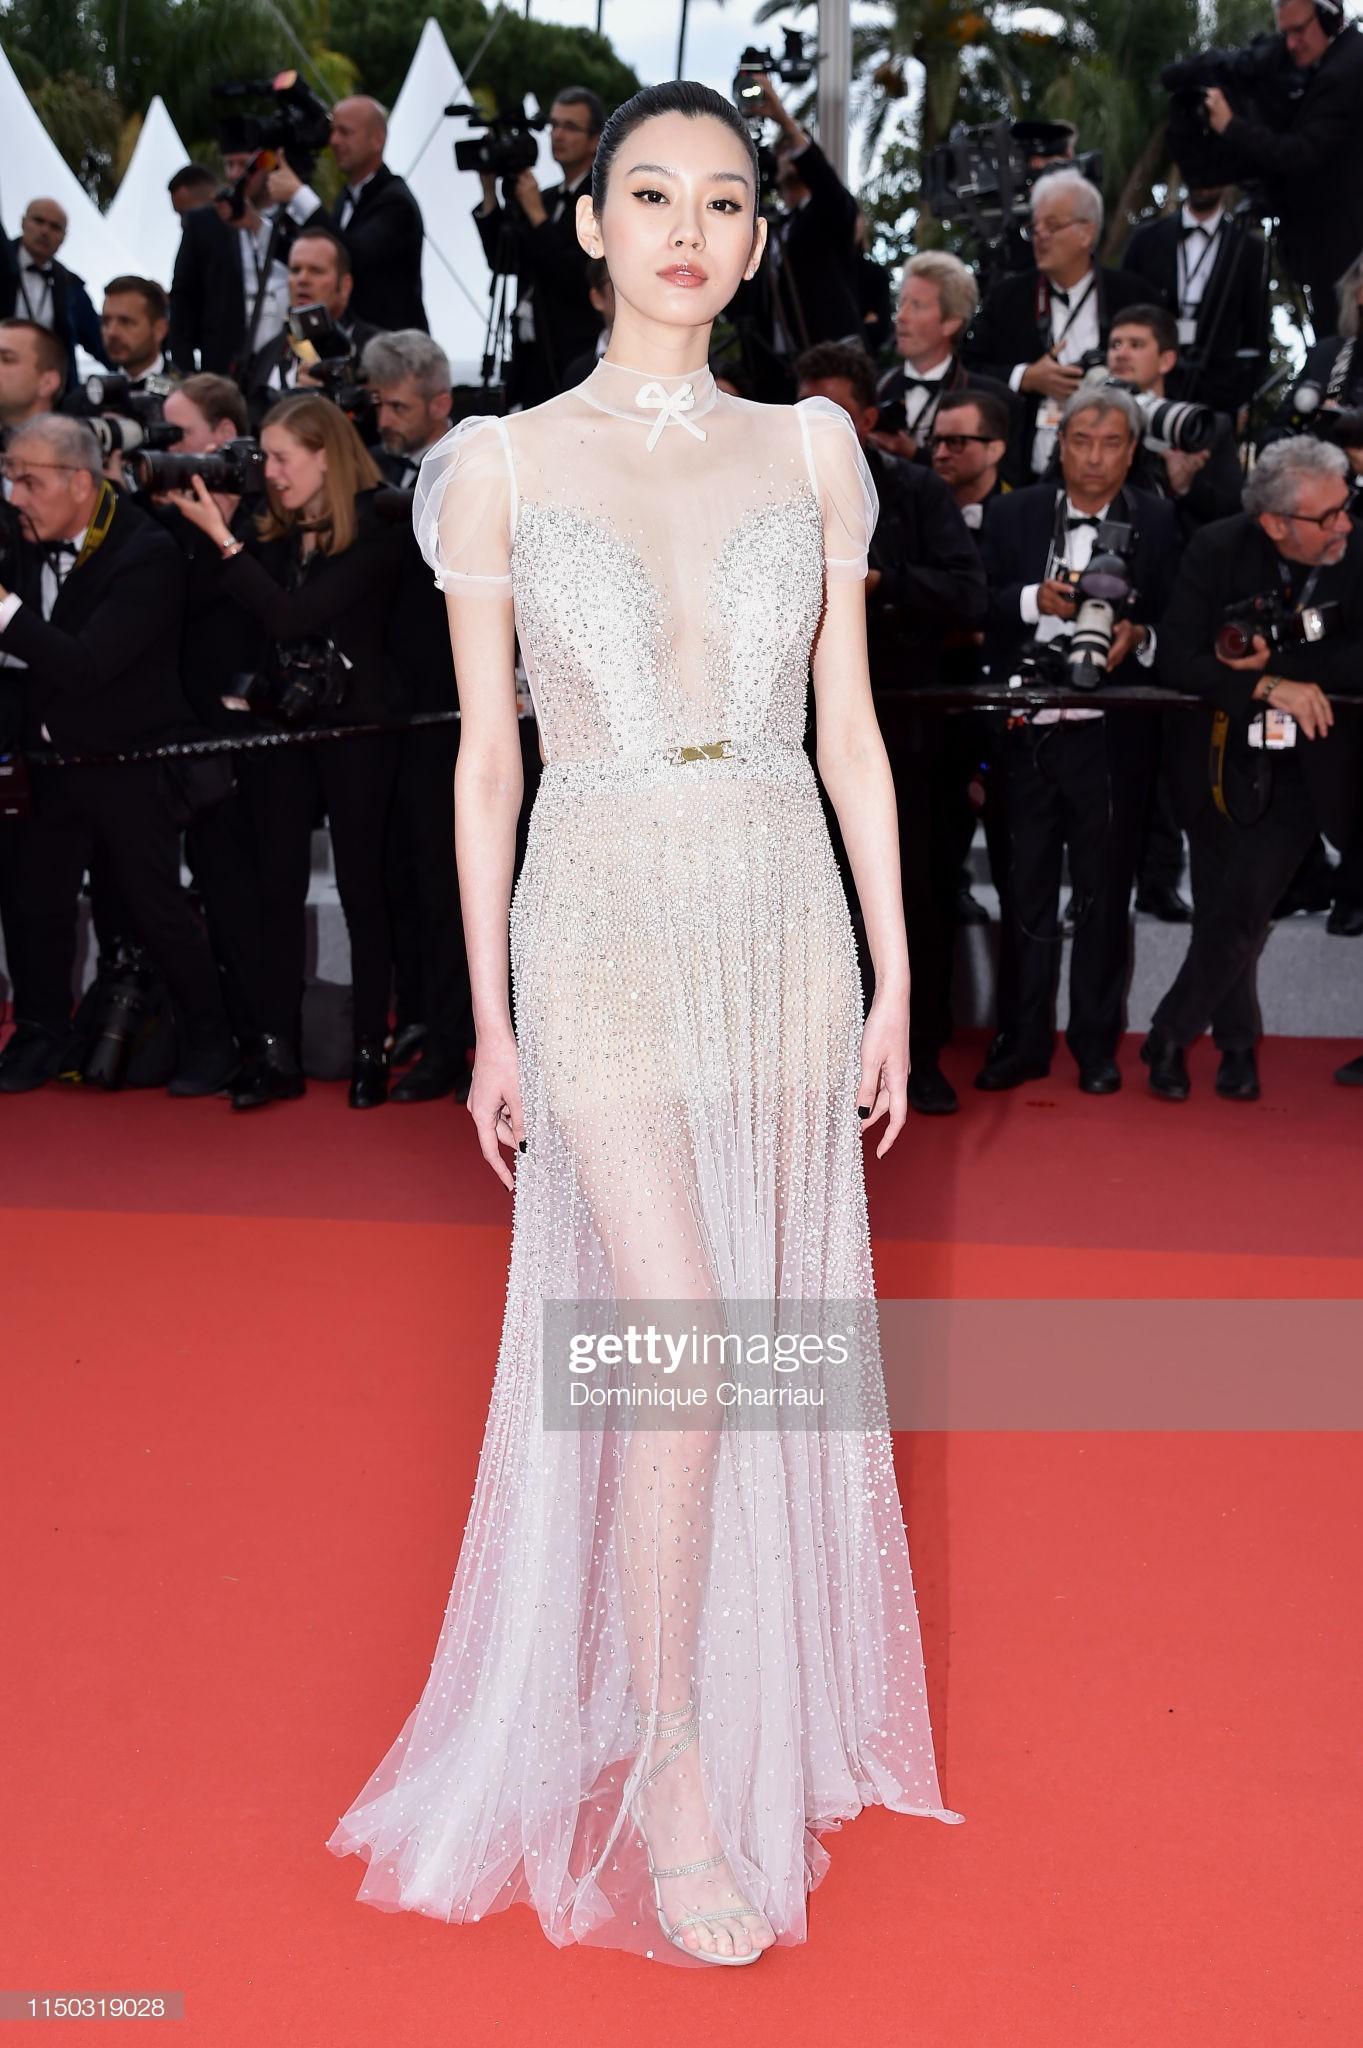 3 cấp độ quyền lực thảm đỏ ở Cannes: Phạm Băng Băng mới chỉ hạng VIP, còn Ngọc Trinh hạng chíp chíp? - Ảnh 10.